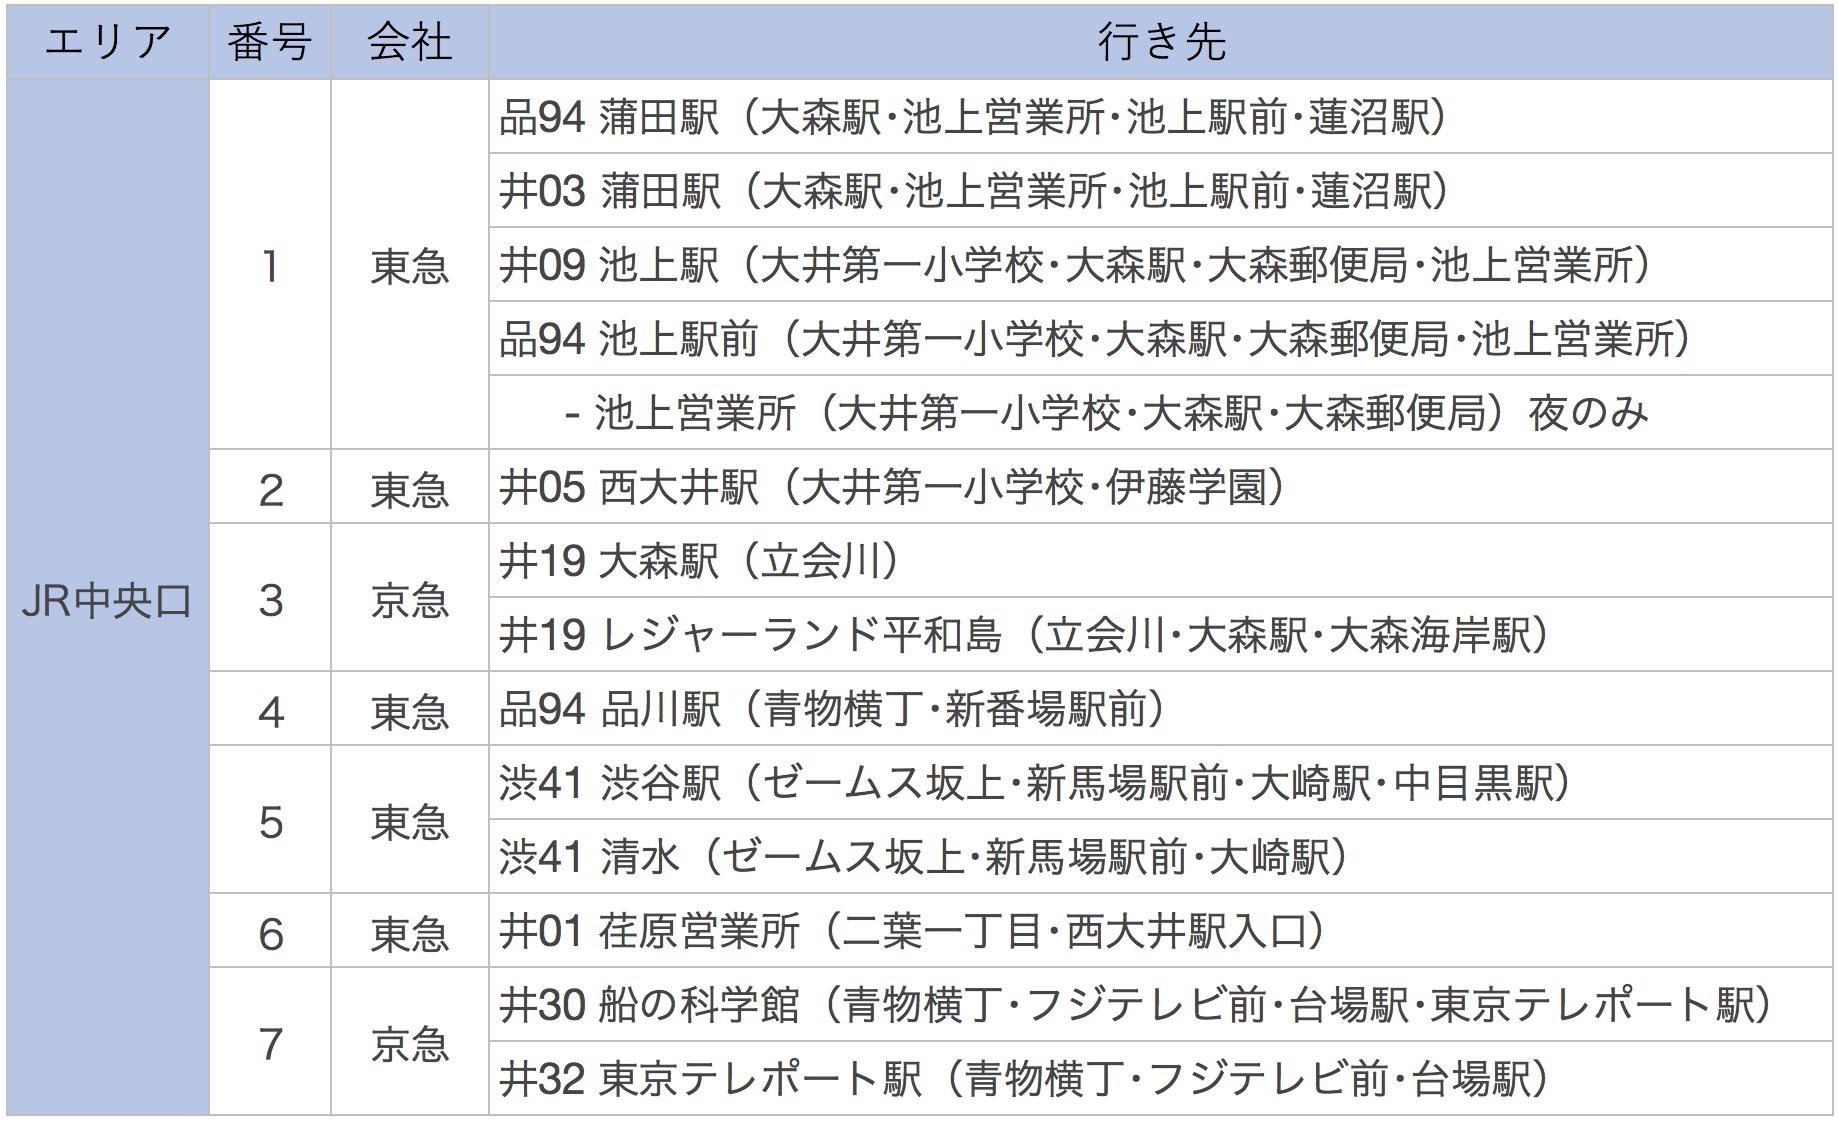 JR中央口_バス乗り場